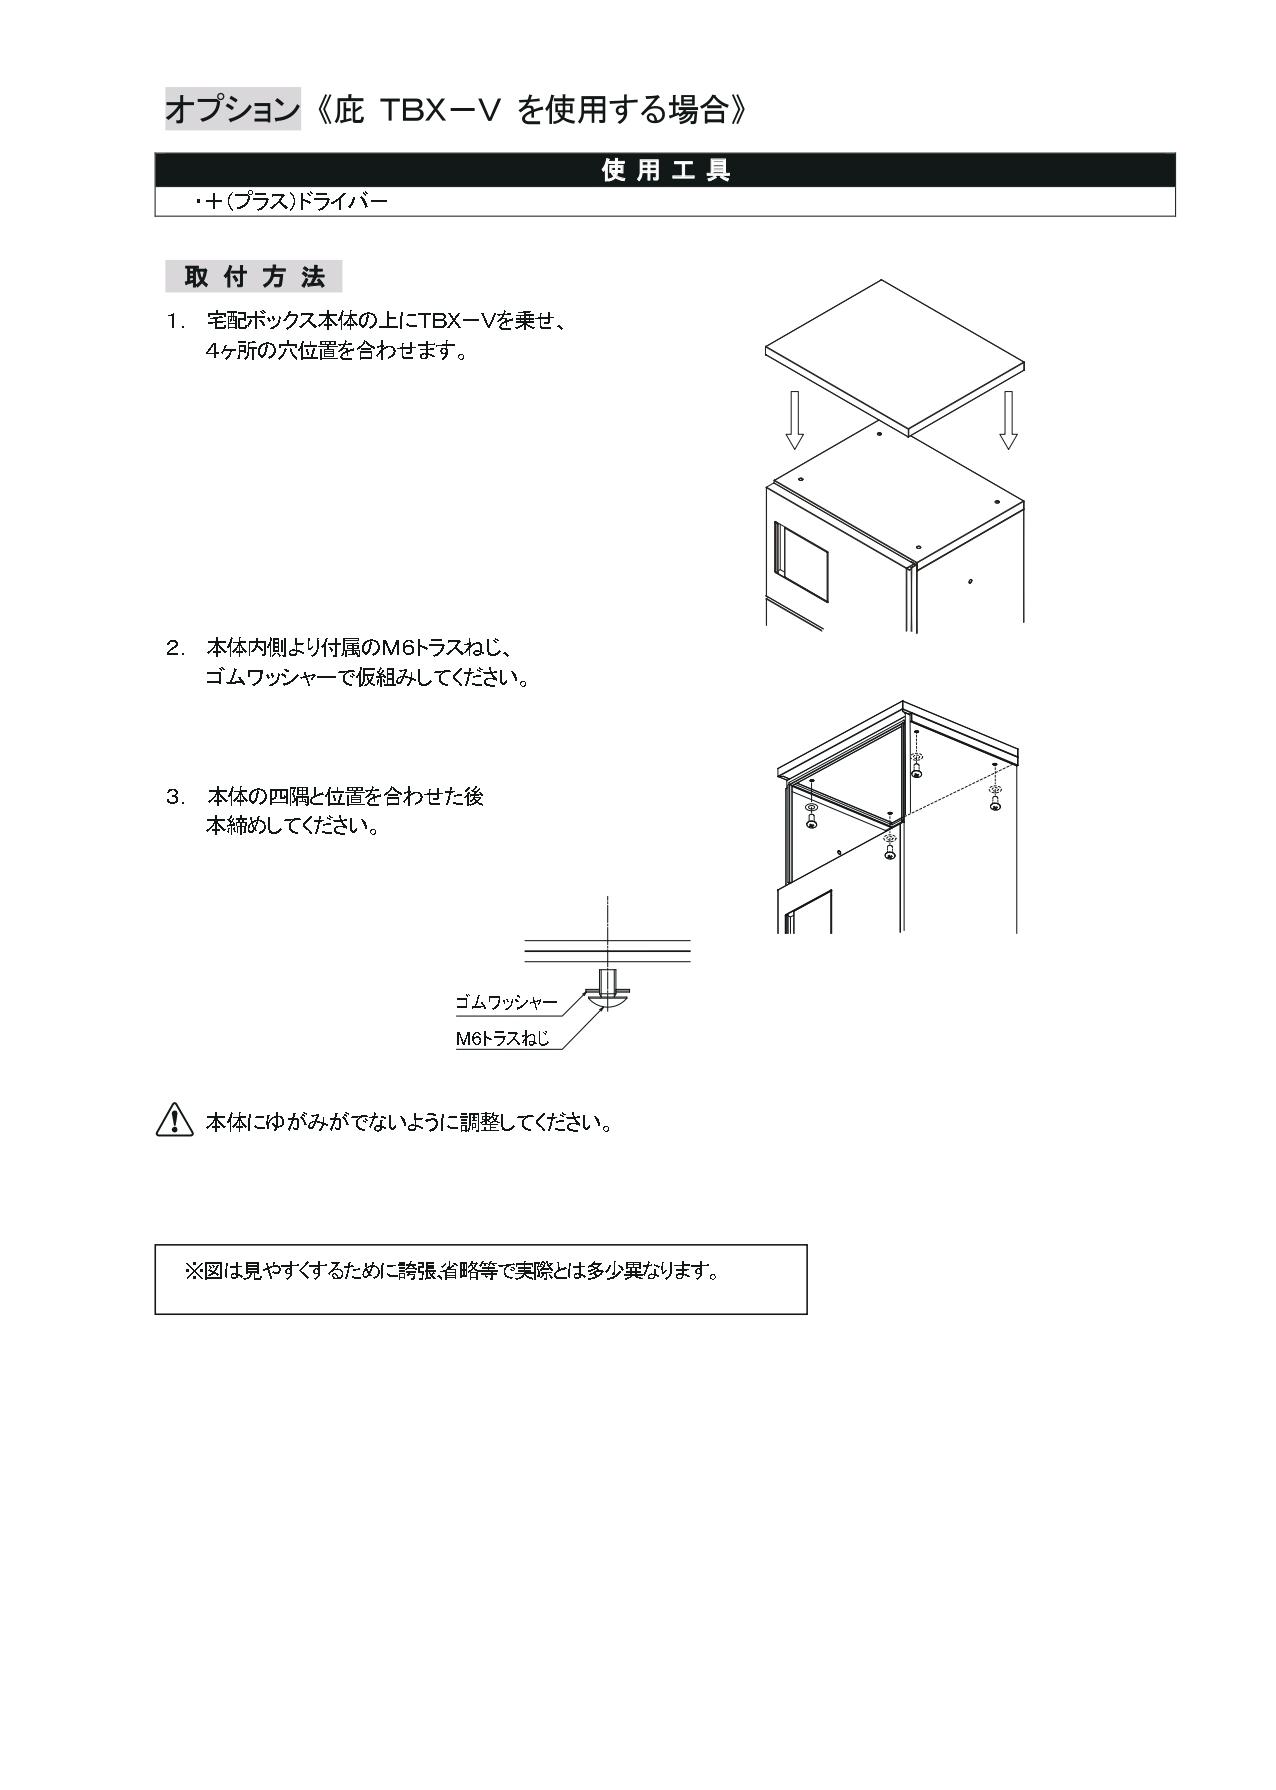 宅配ボックスTBX-G 施工説明書_page-0005